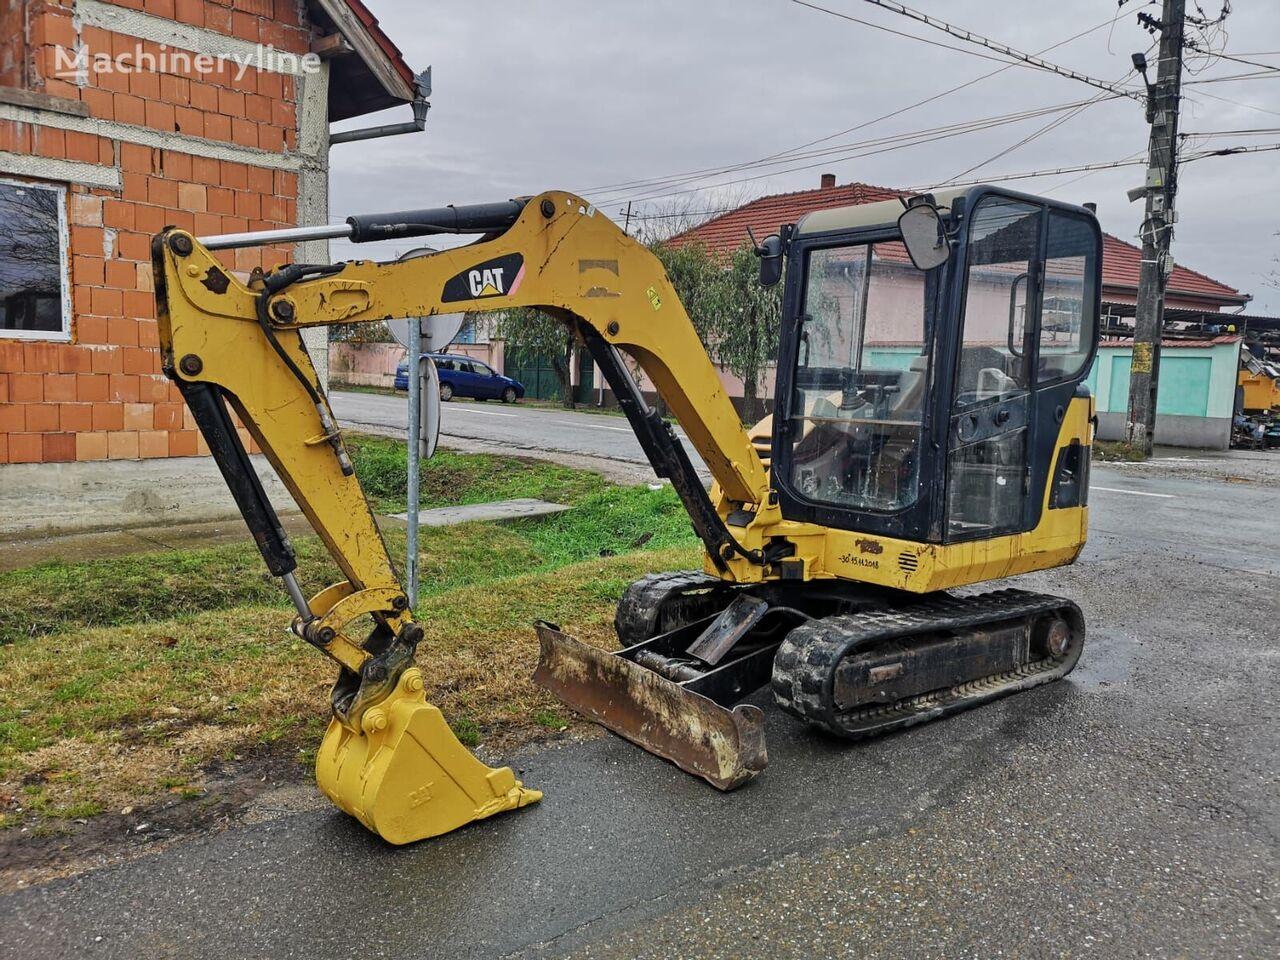 CATERPILLAR 302.5C mini excavator